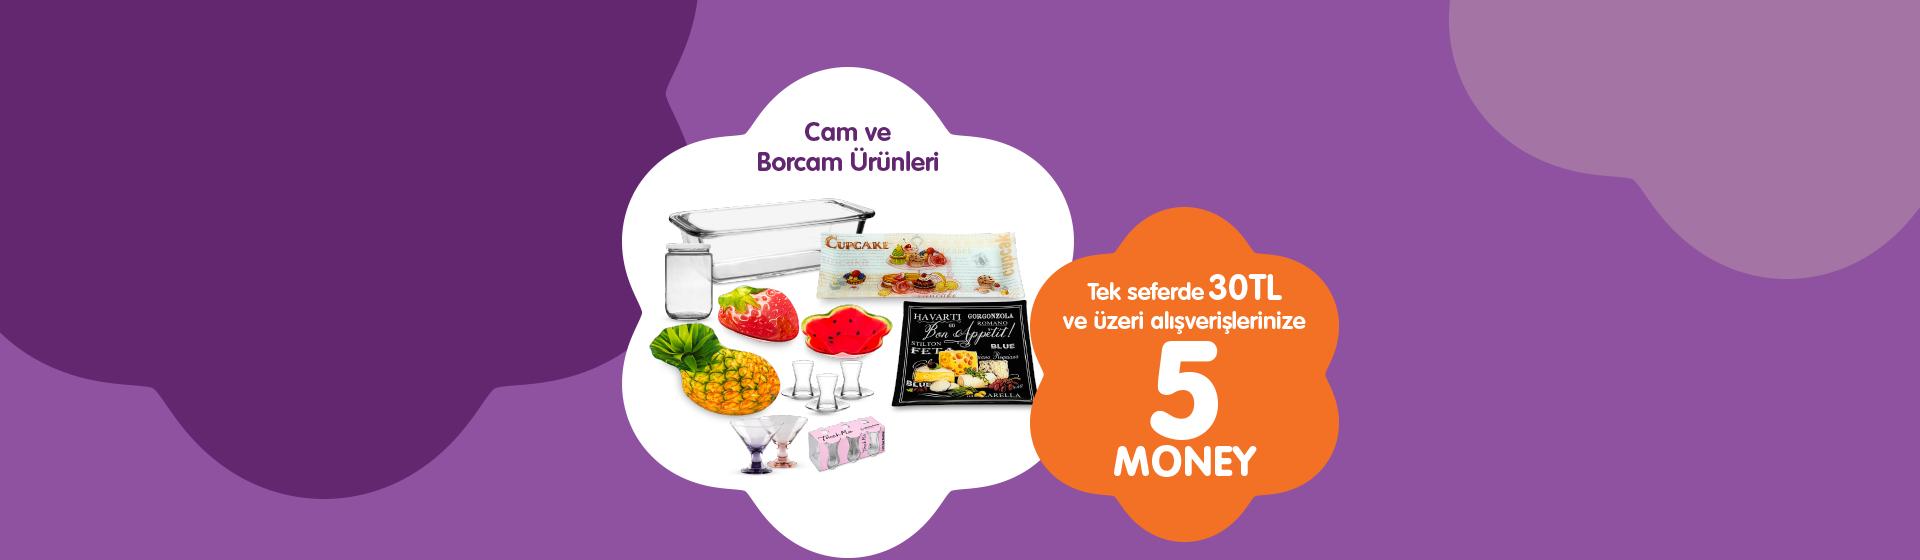 Cam ve Borcam Money Kampanyası